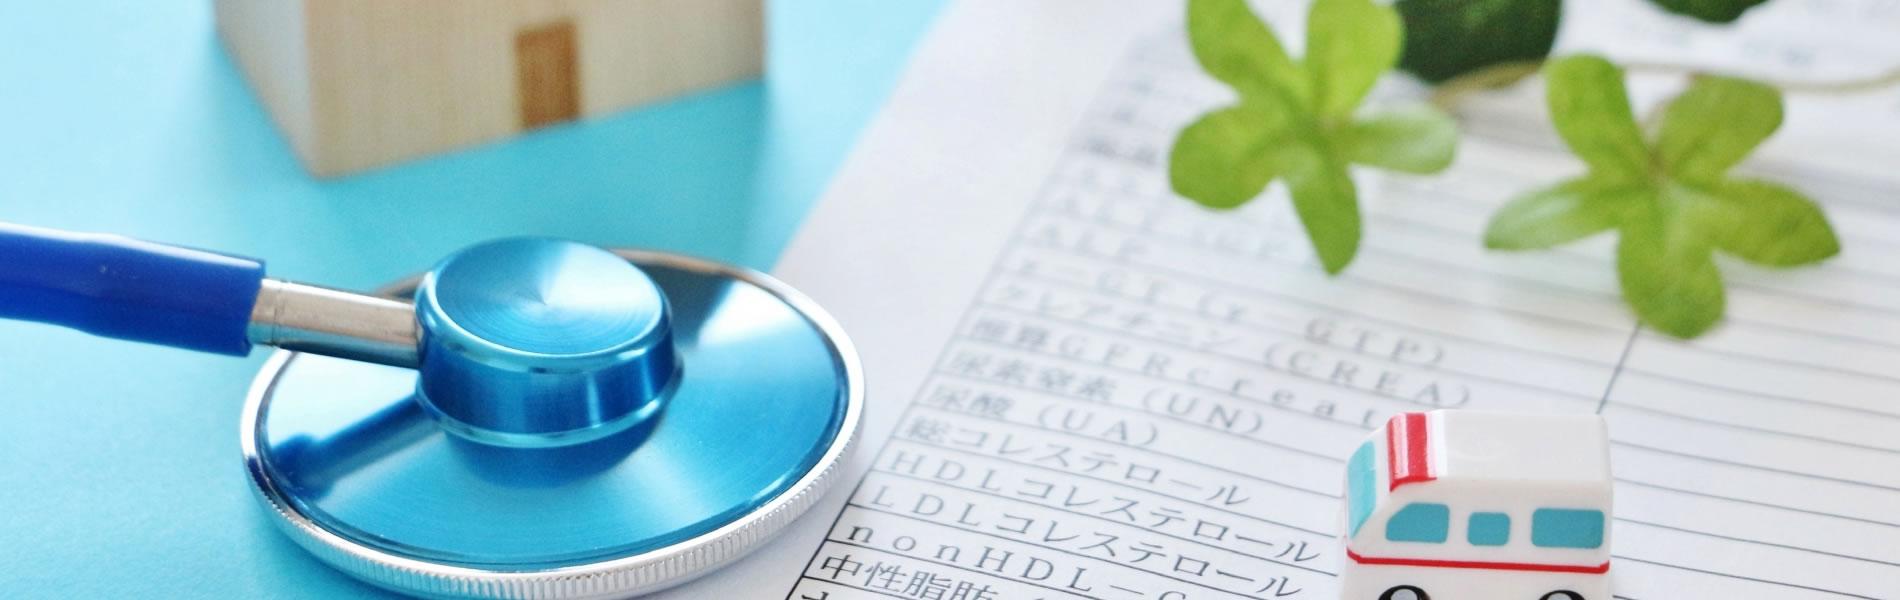 滋賀県草津市の泌尿器科、内科のクリニックです。特に泌尿器科疾患を専門としています。